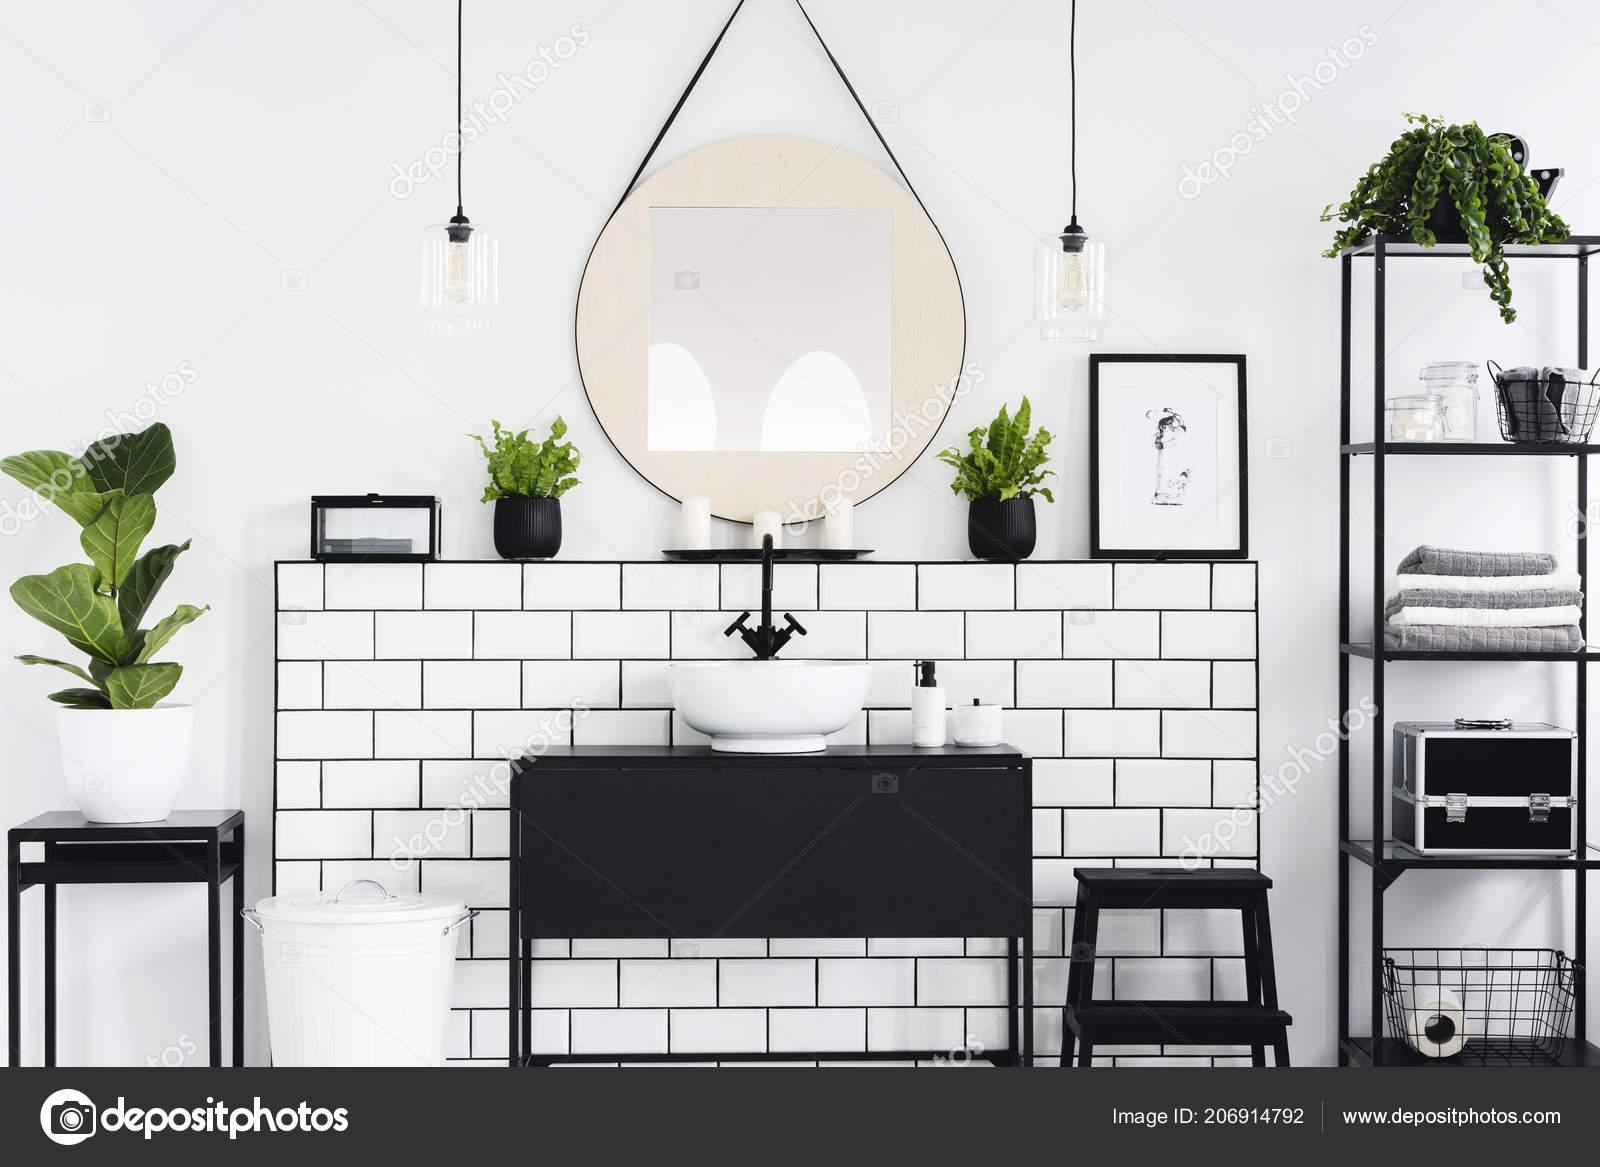 Espejo Cartel Sobre Lavabo Negro Interior Cuarto Baño Con Plantas ...